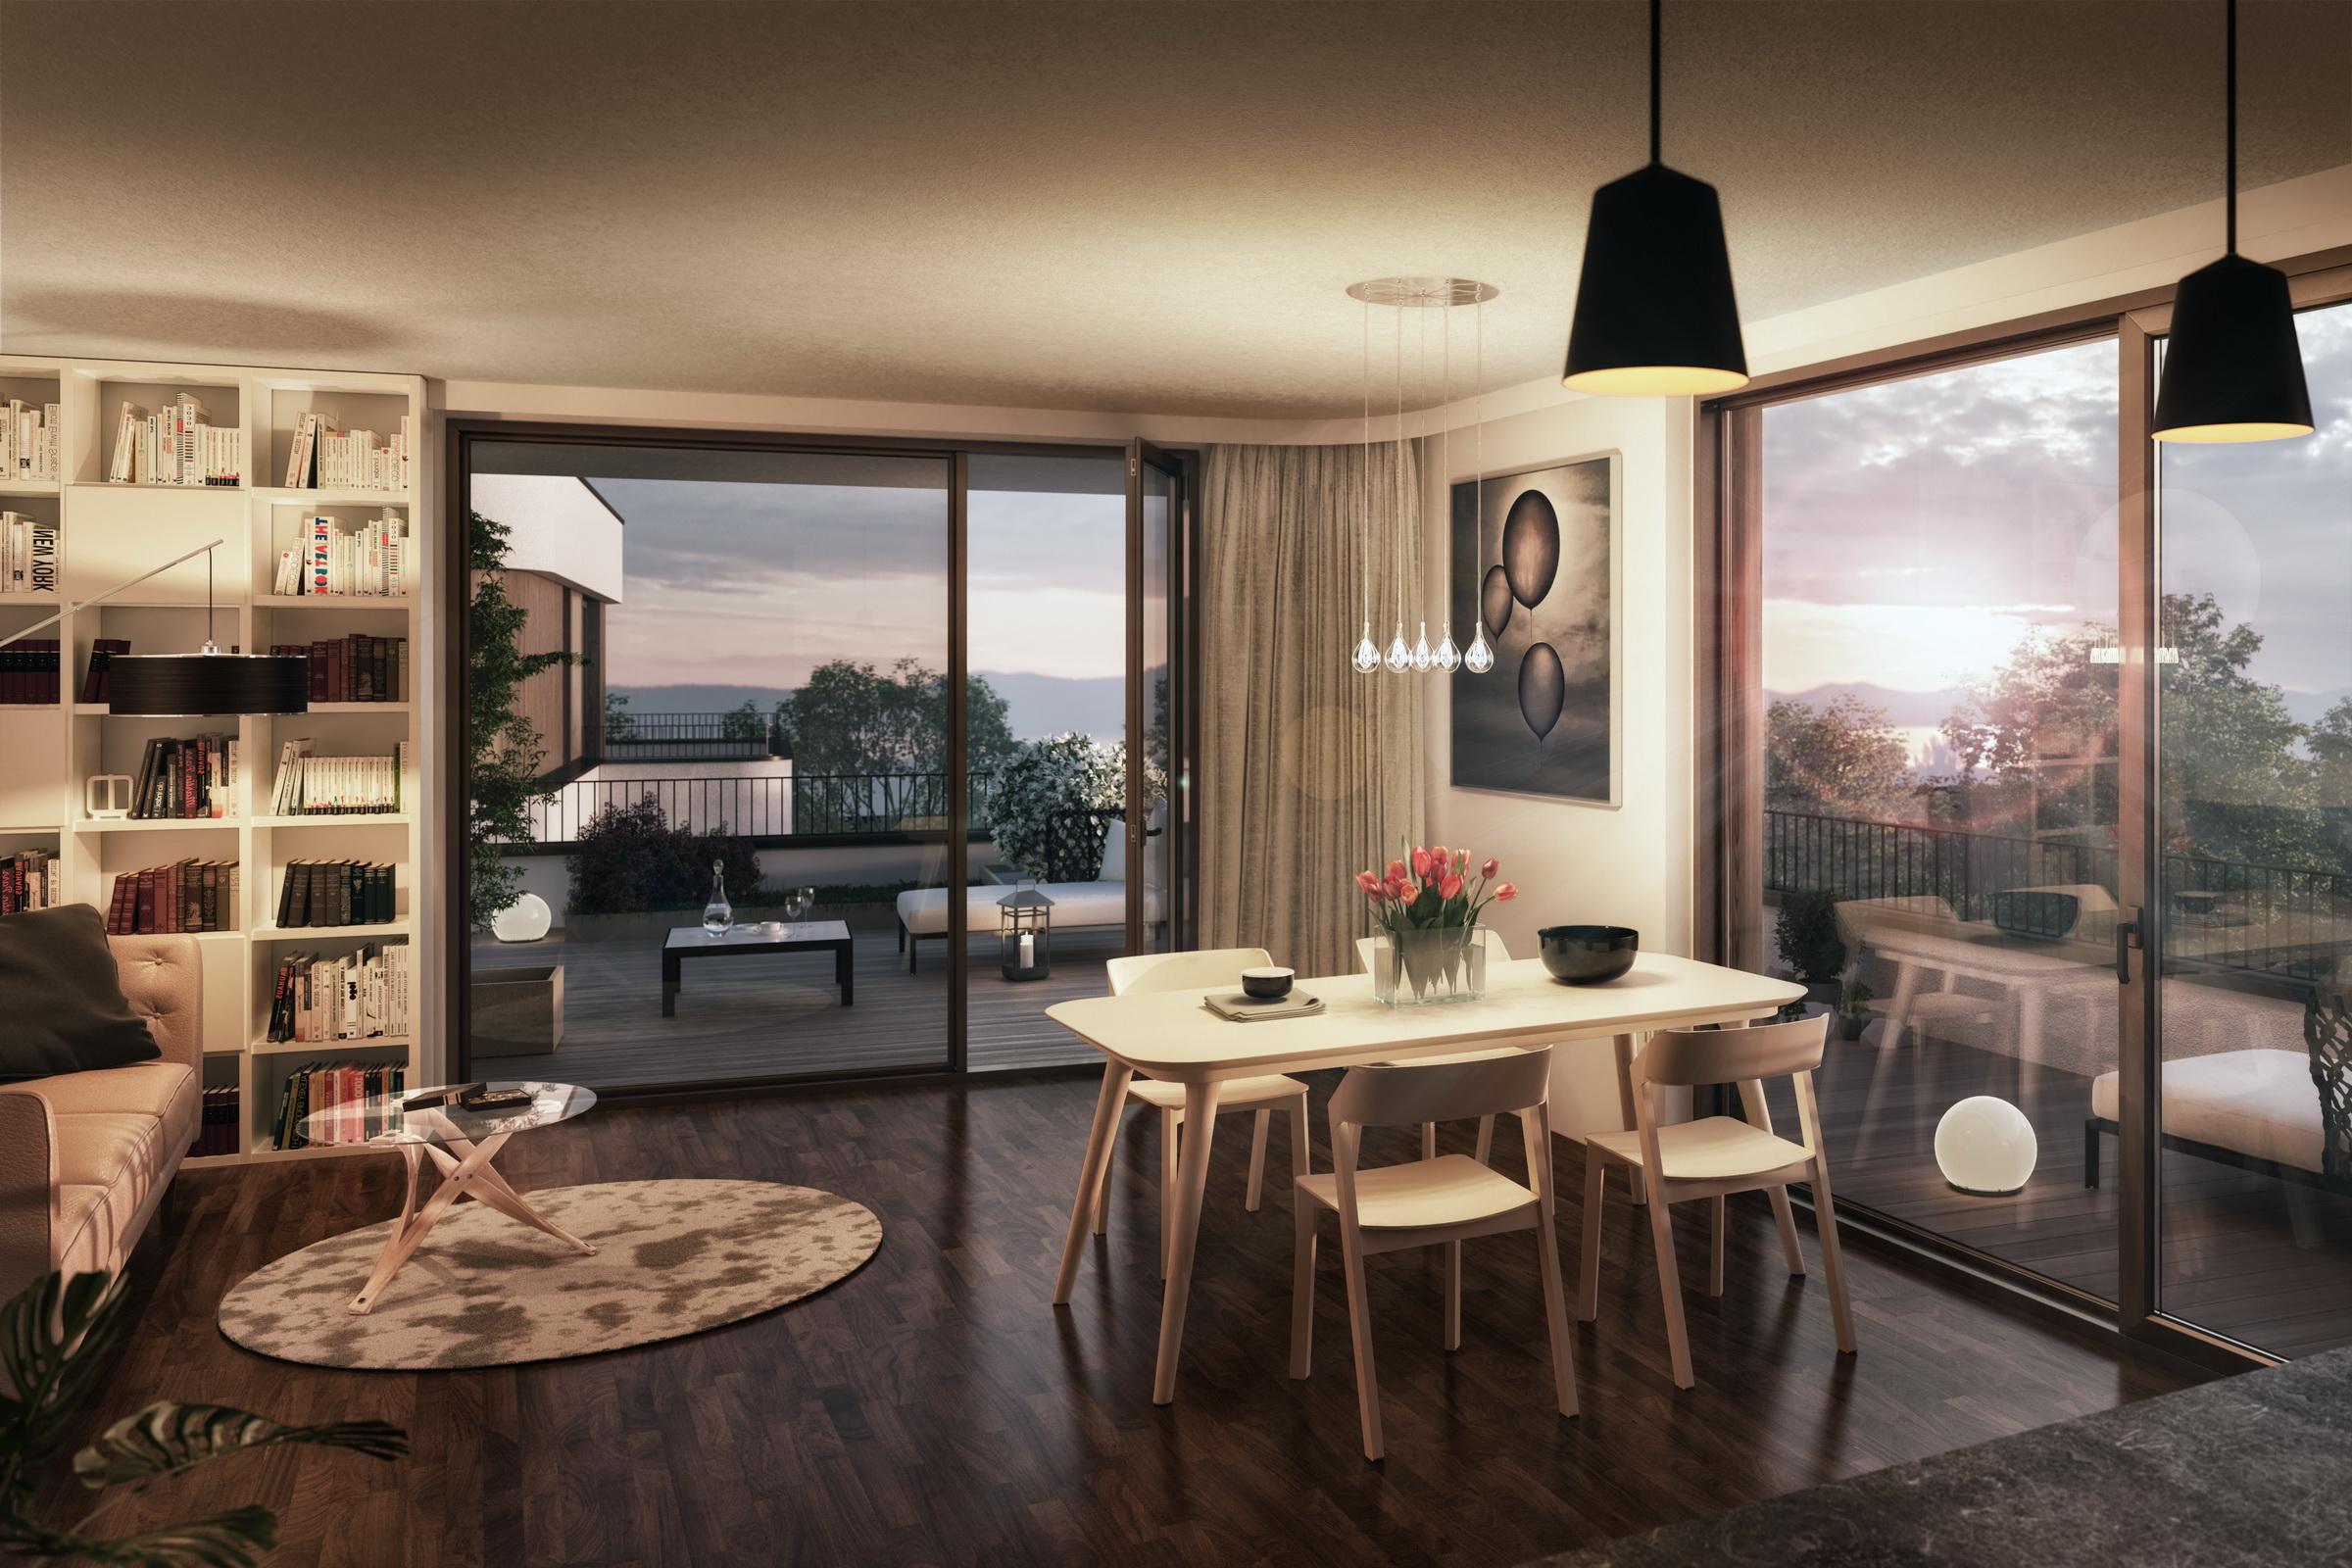 Studio2_Architekten_Wohnpark_Braunsdorf_Innen_cam_dachterrasse002_170622_02